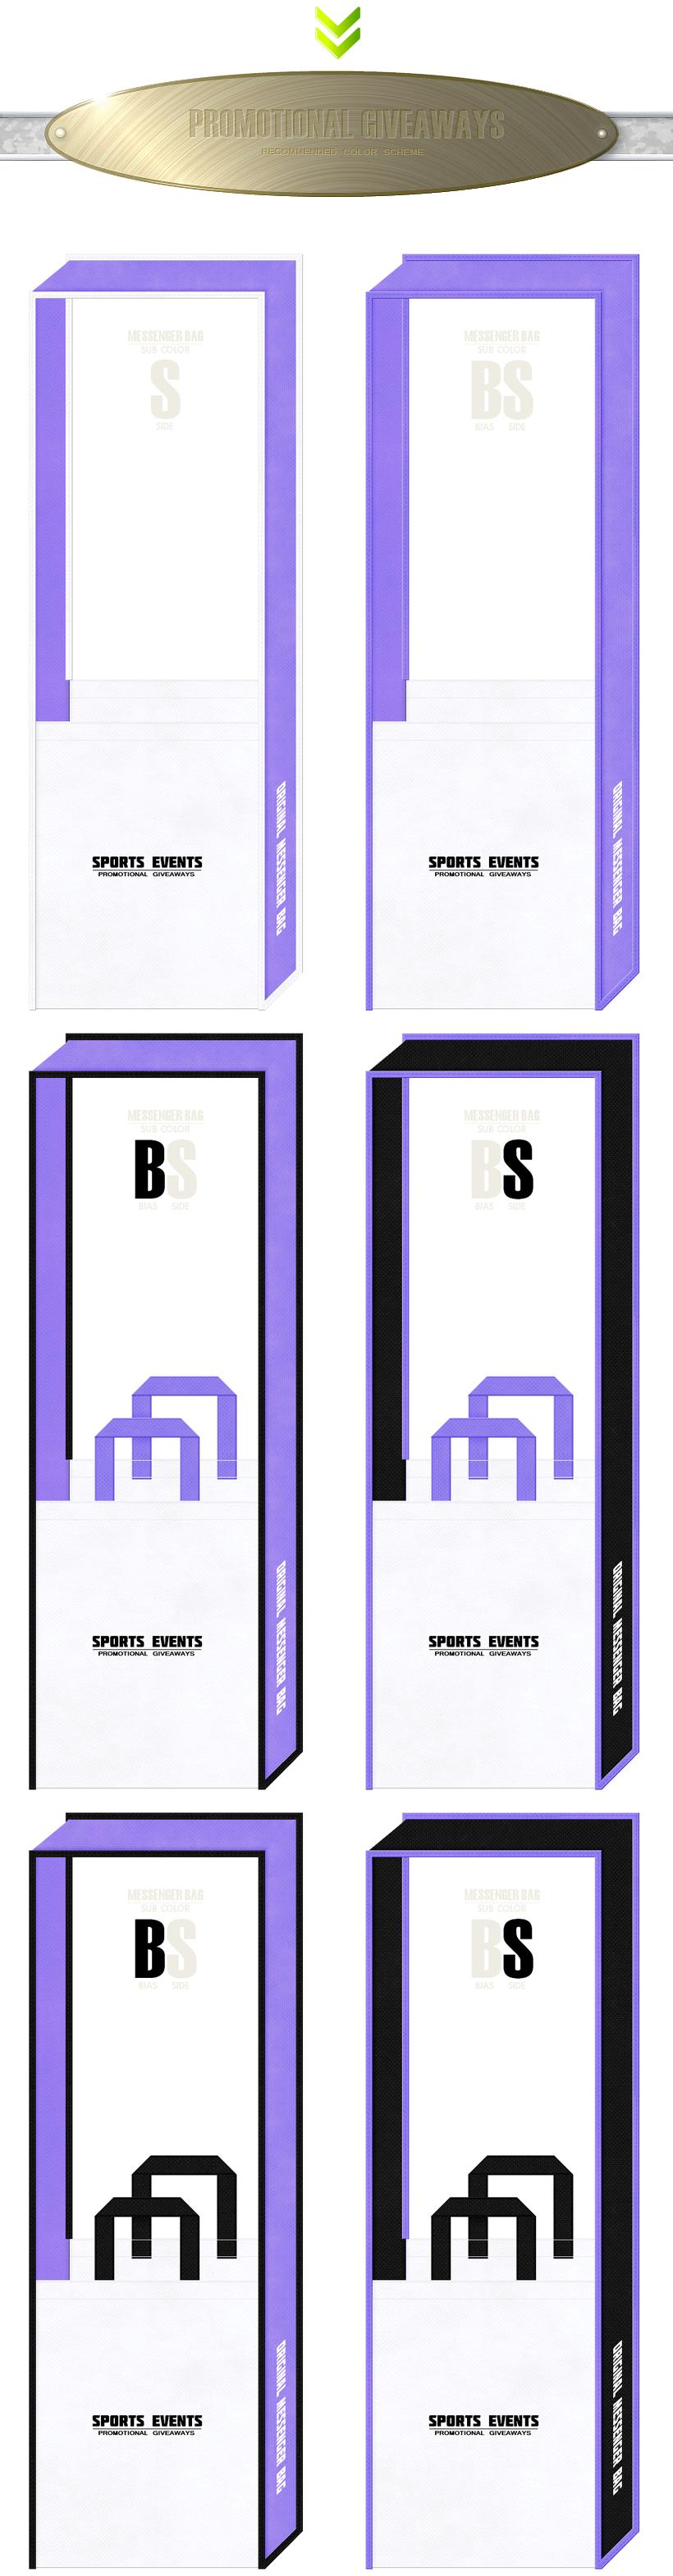 白色と薄紫色をメインに使用した、不織布メッセンジャーバッグのカラーシミュレーション:スポーツイベントのノベルティ